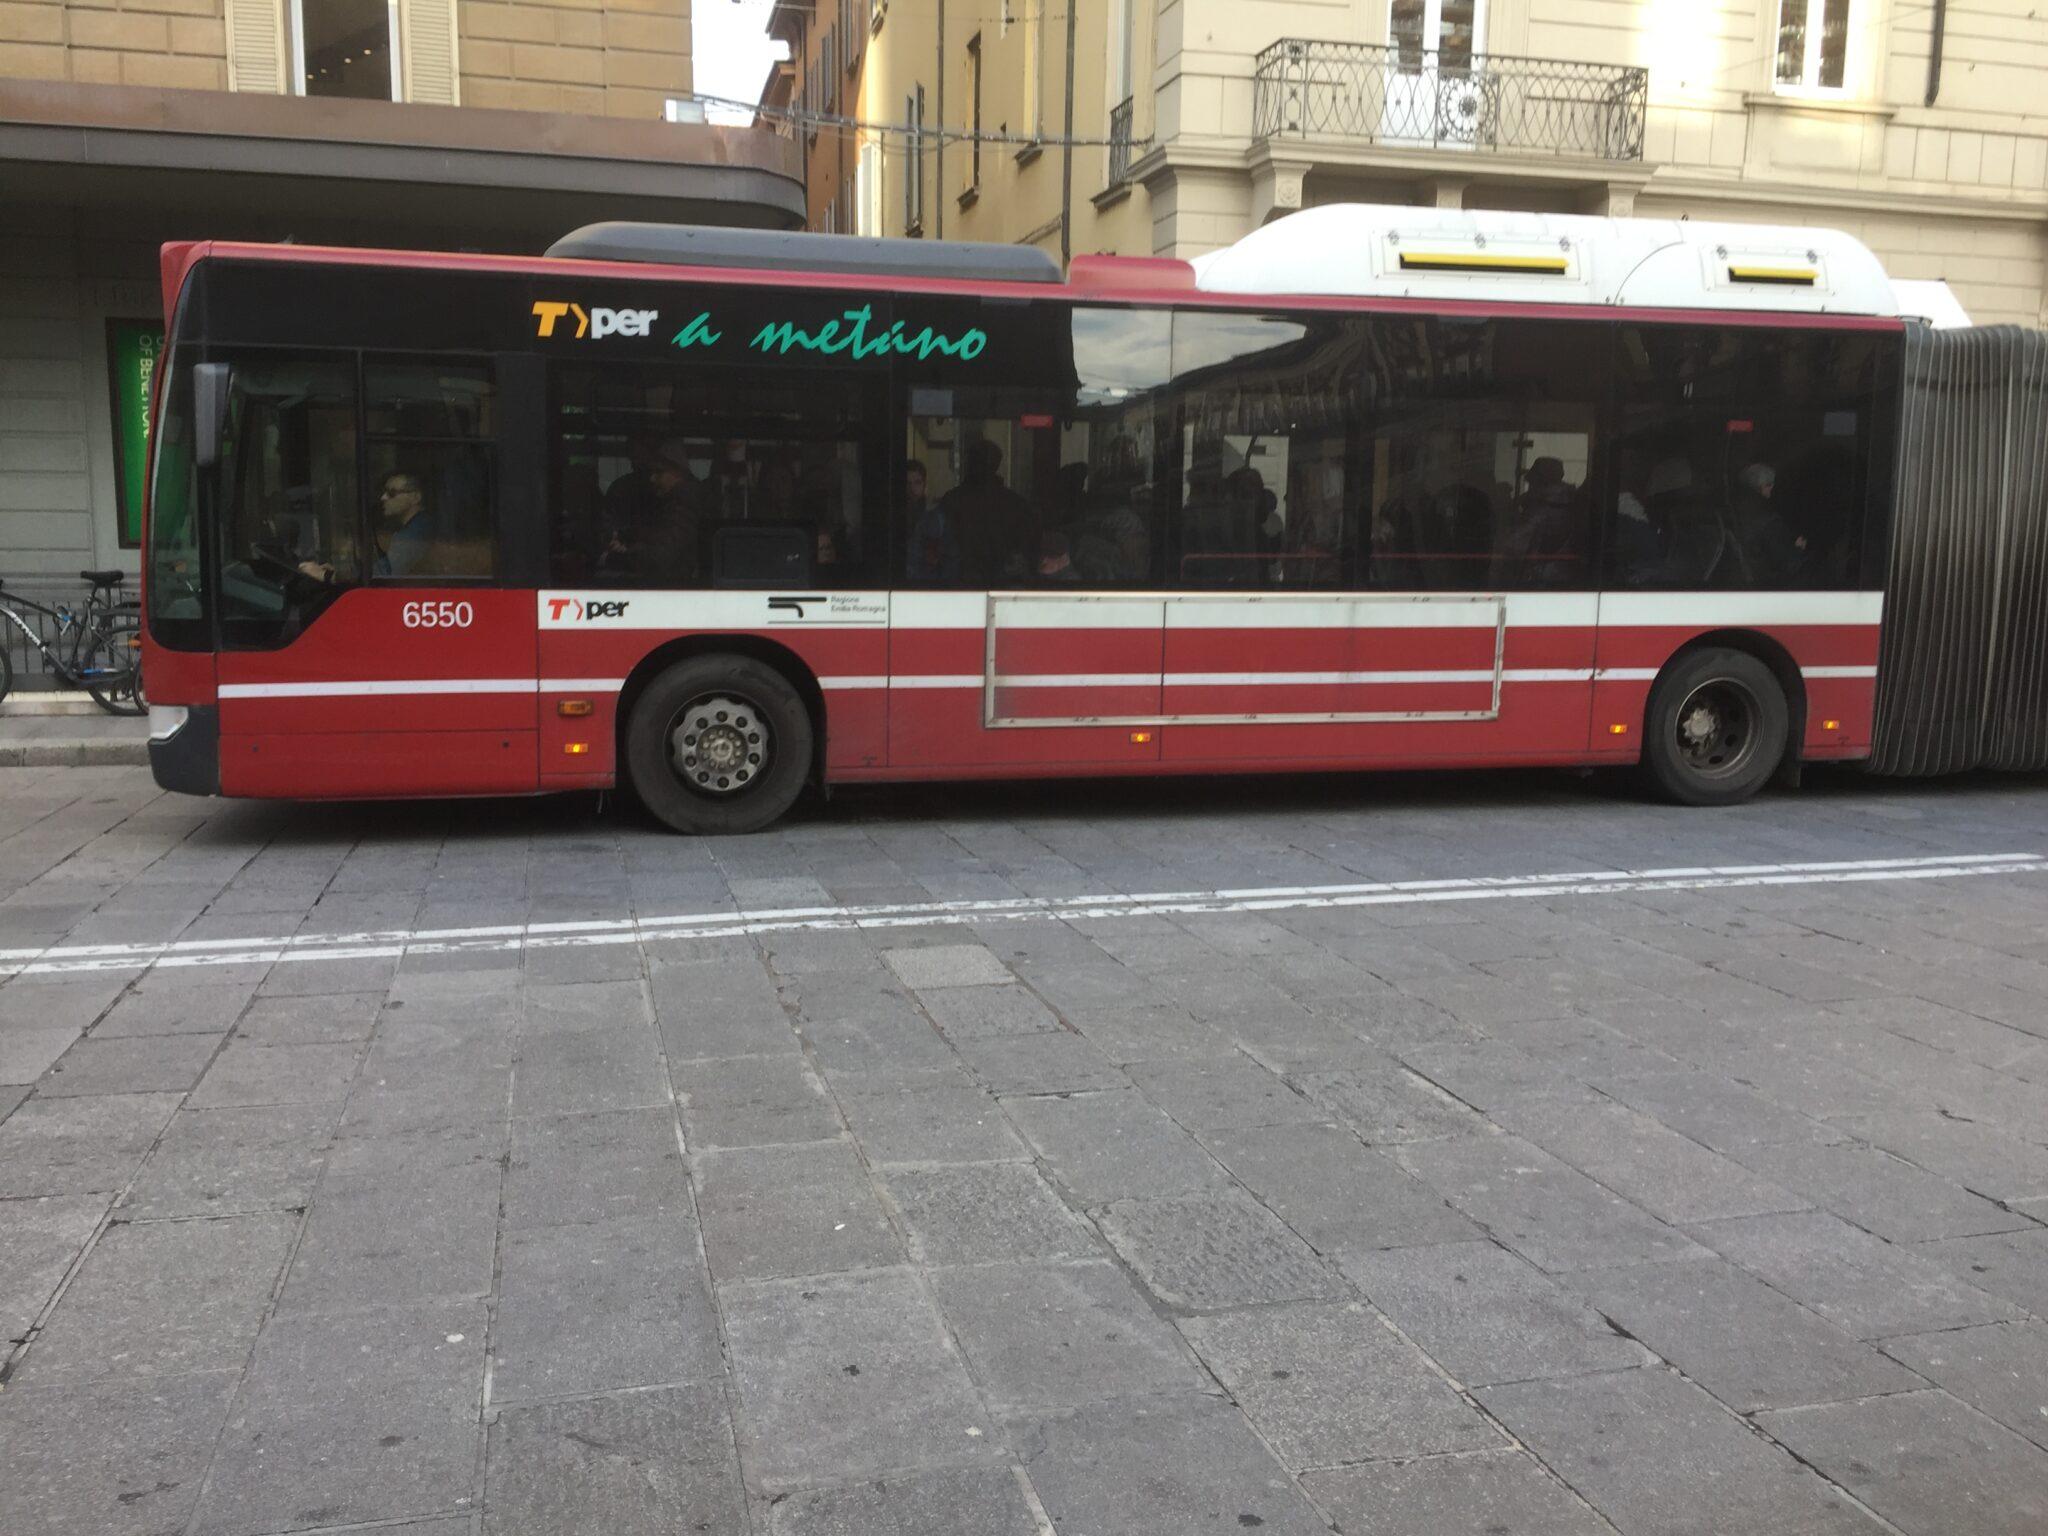 Coronavirus, nuove riduzioni per treni e bus in Emilia-Romagna dal 18 al 25 marzo